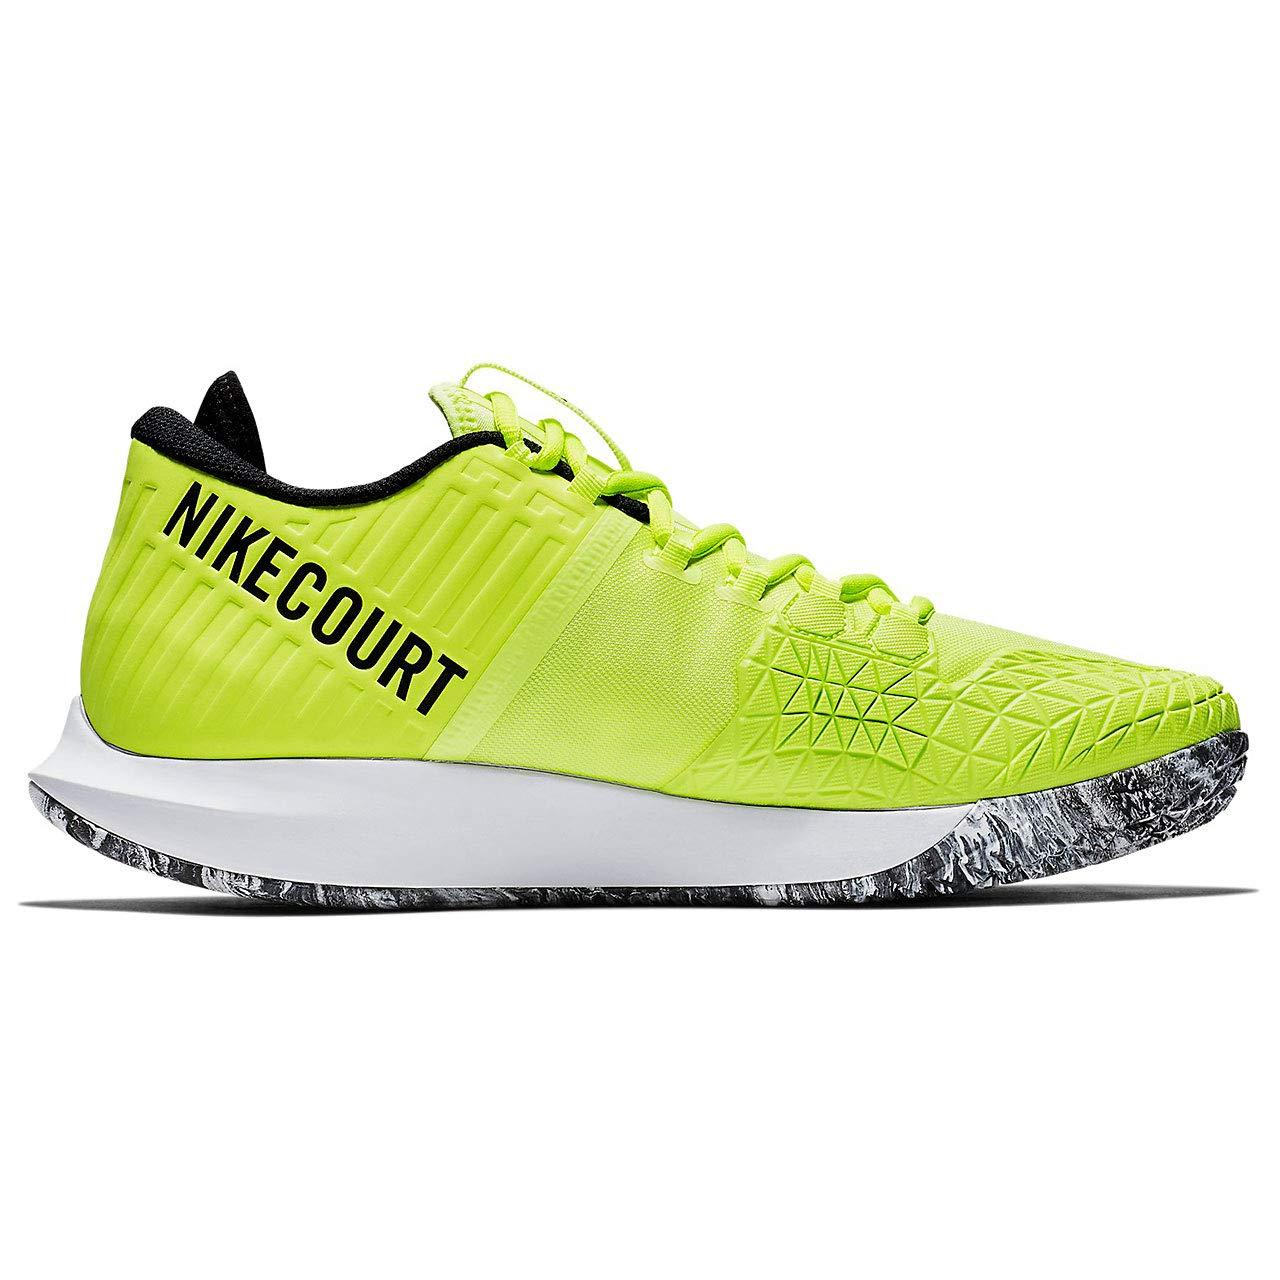 d884beb0efc Amazon.com  Nikecourt Air Zoom Zero Hc PRM Mens Ao5021-700 Size 9  Shoes